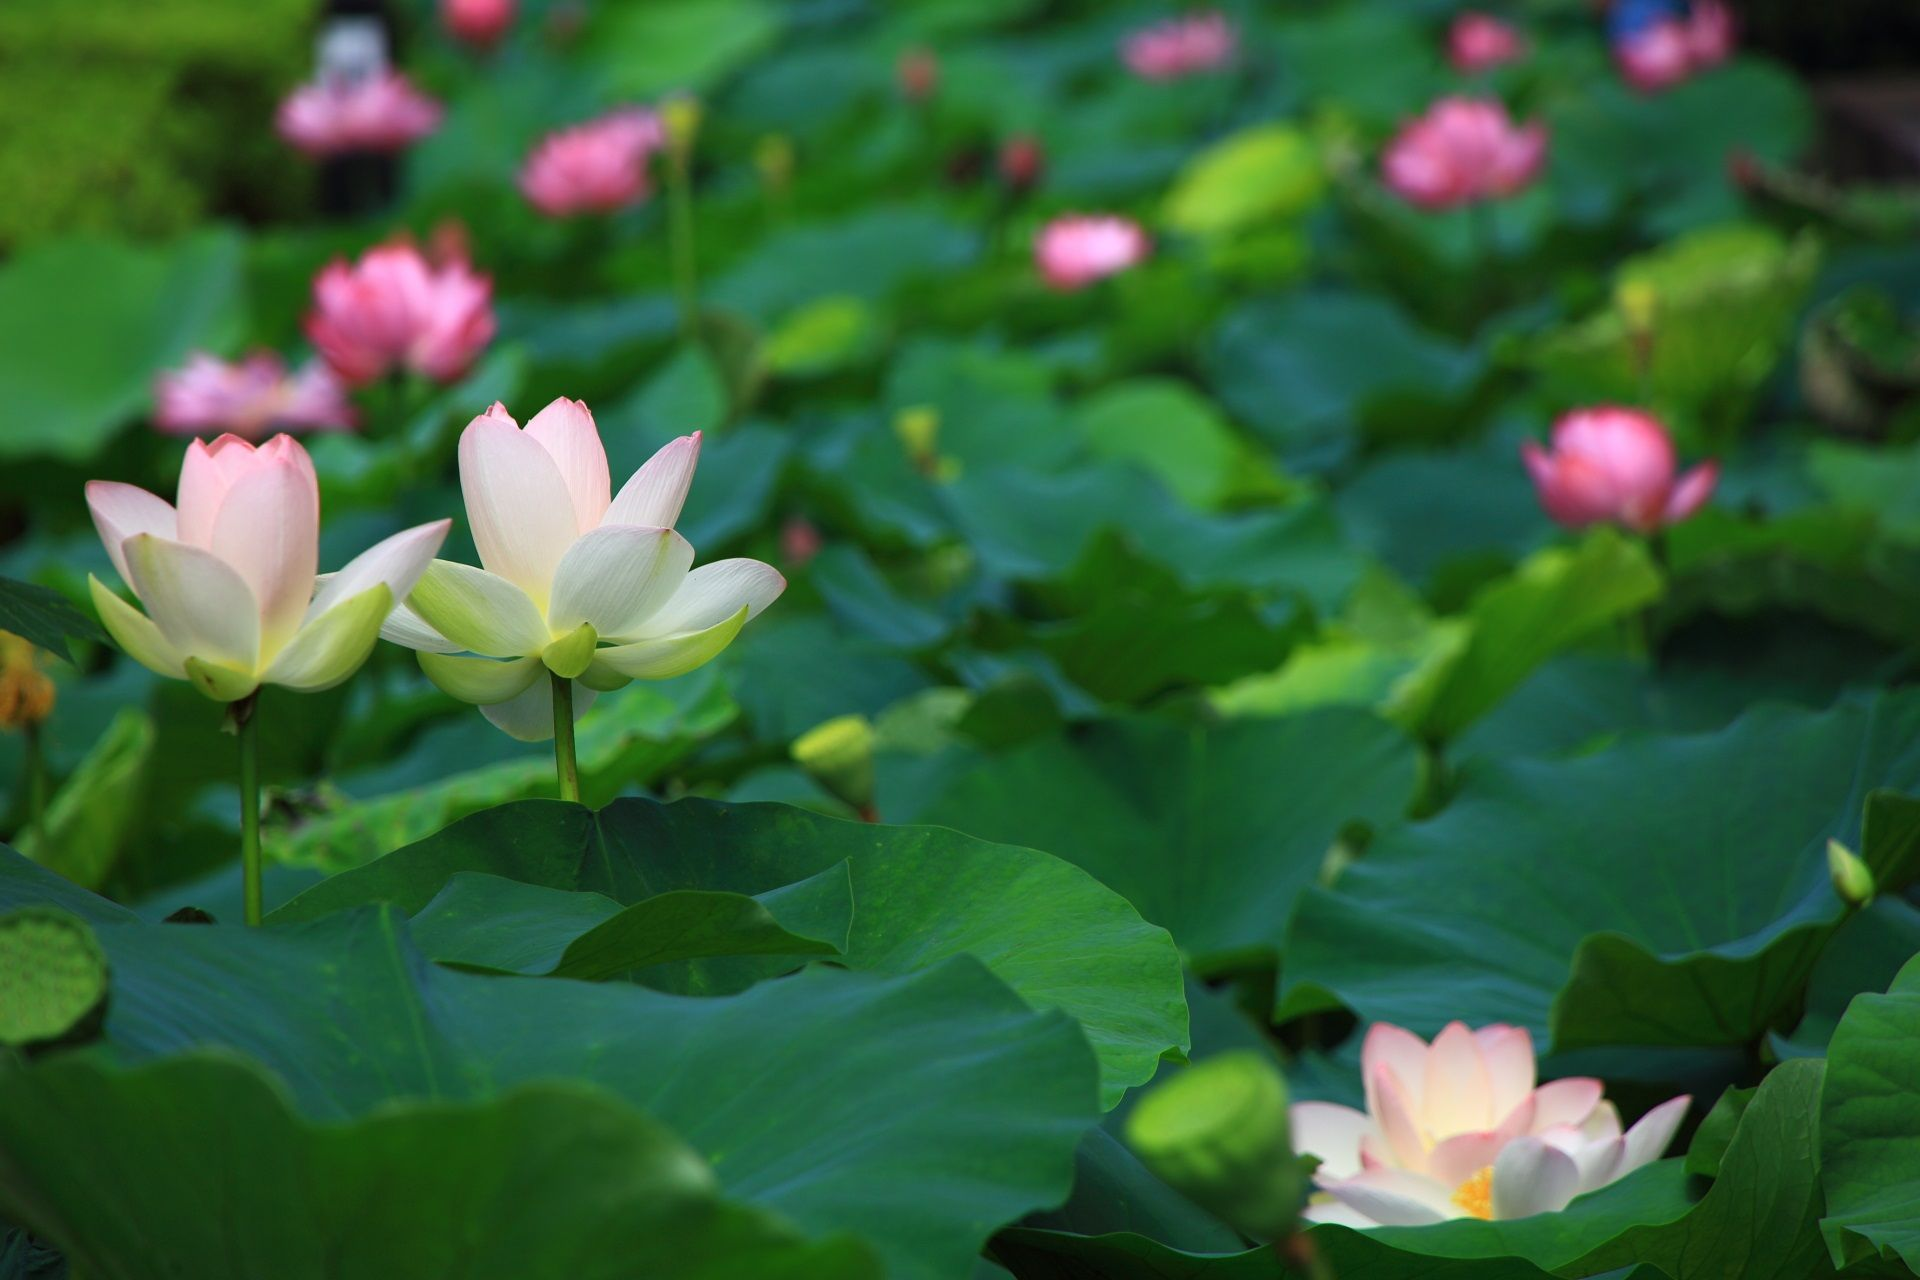 うっすらとピンクの入った白いハスの花 ハスの花 蓮の花 ピンク